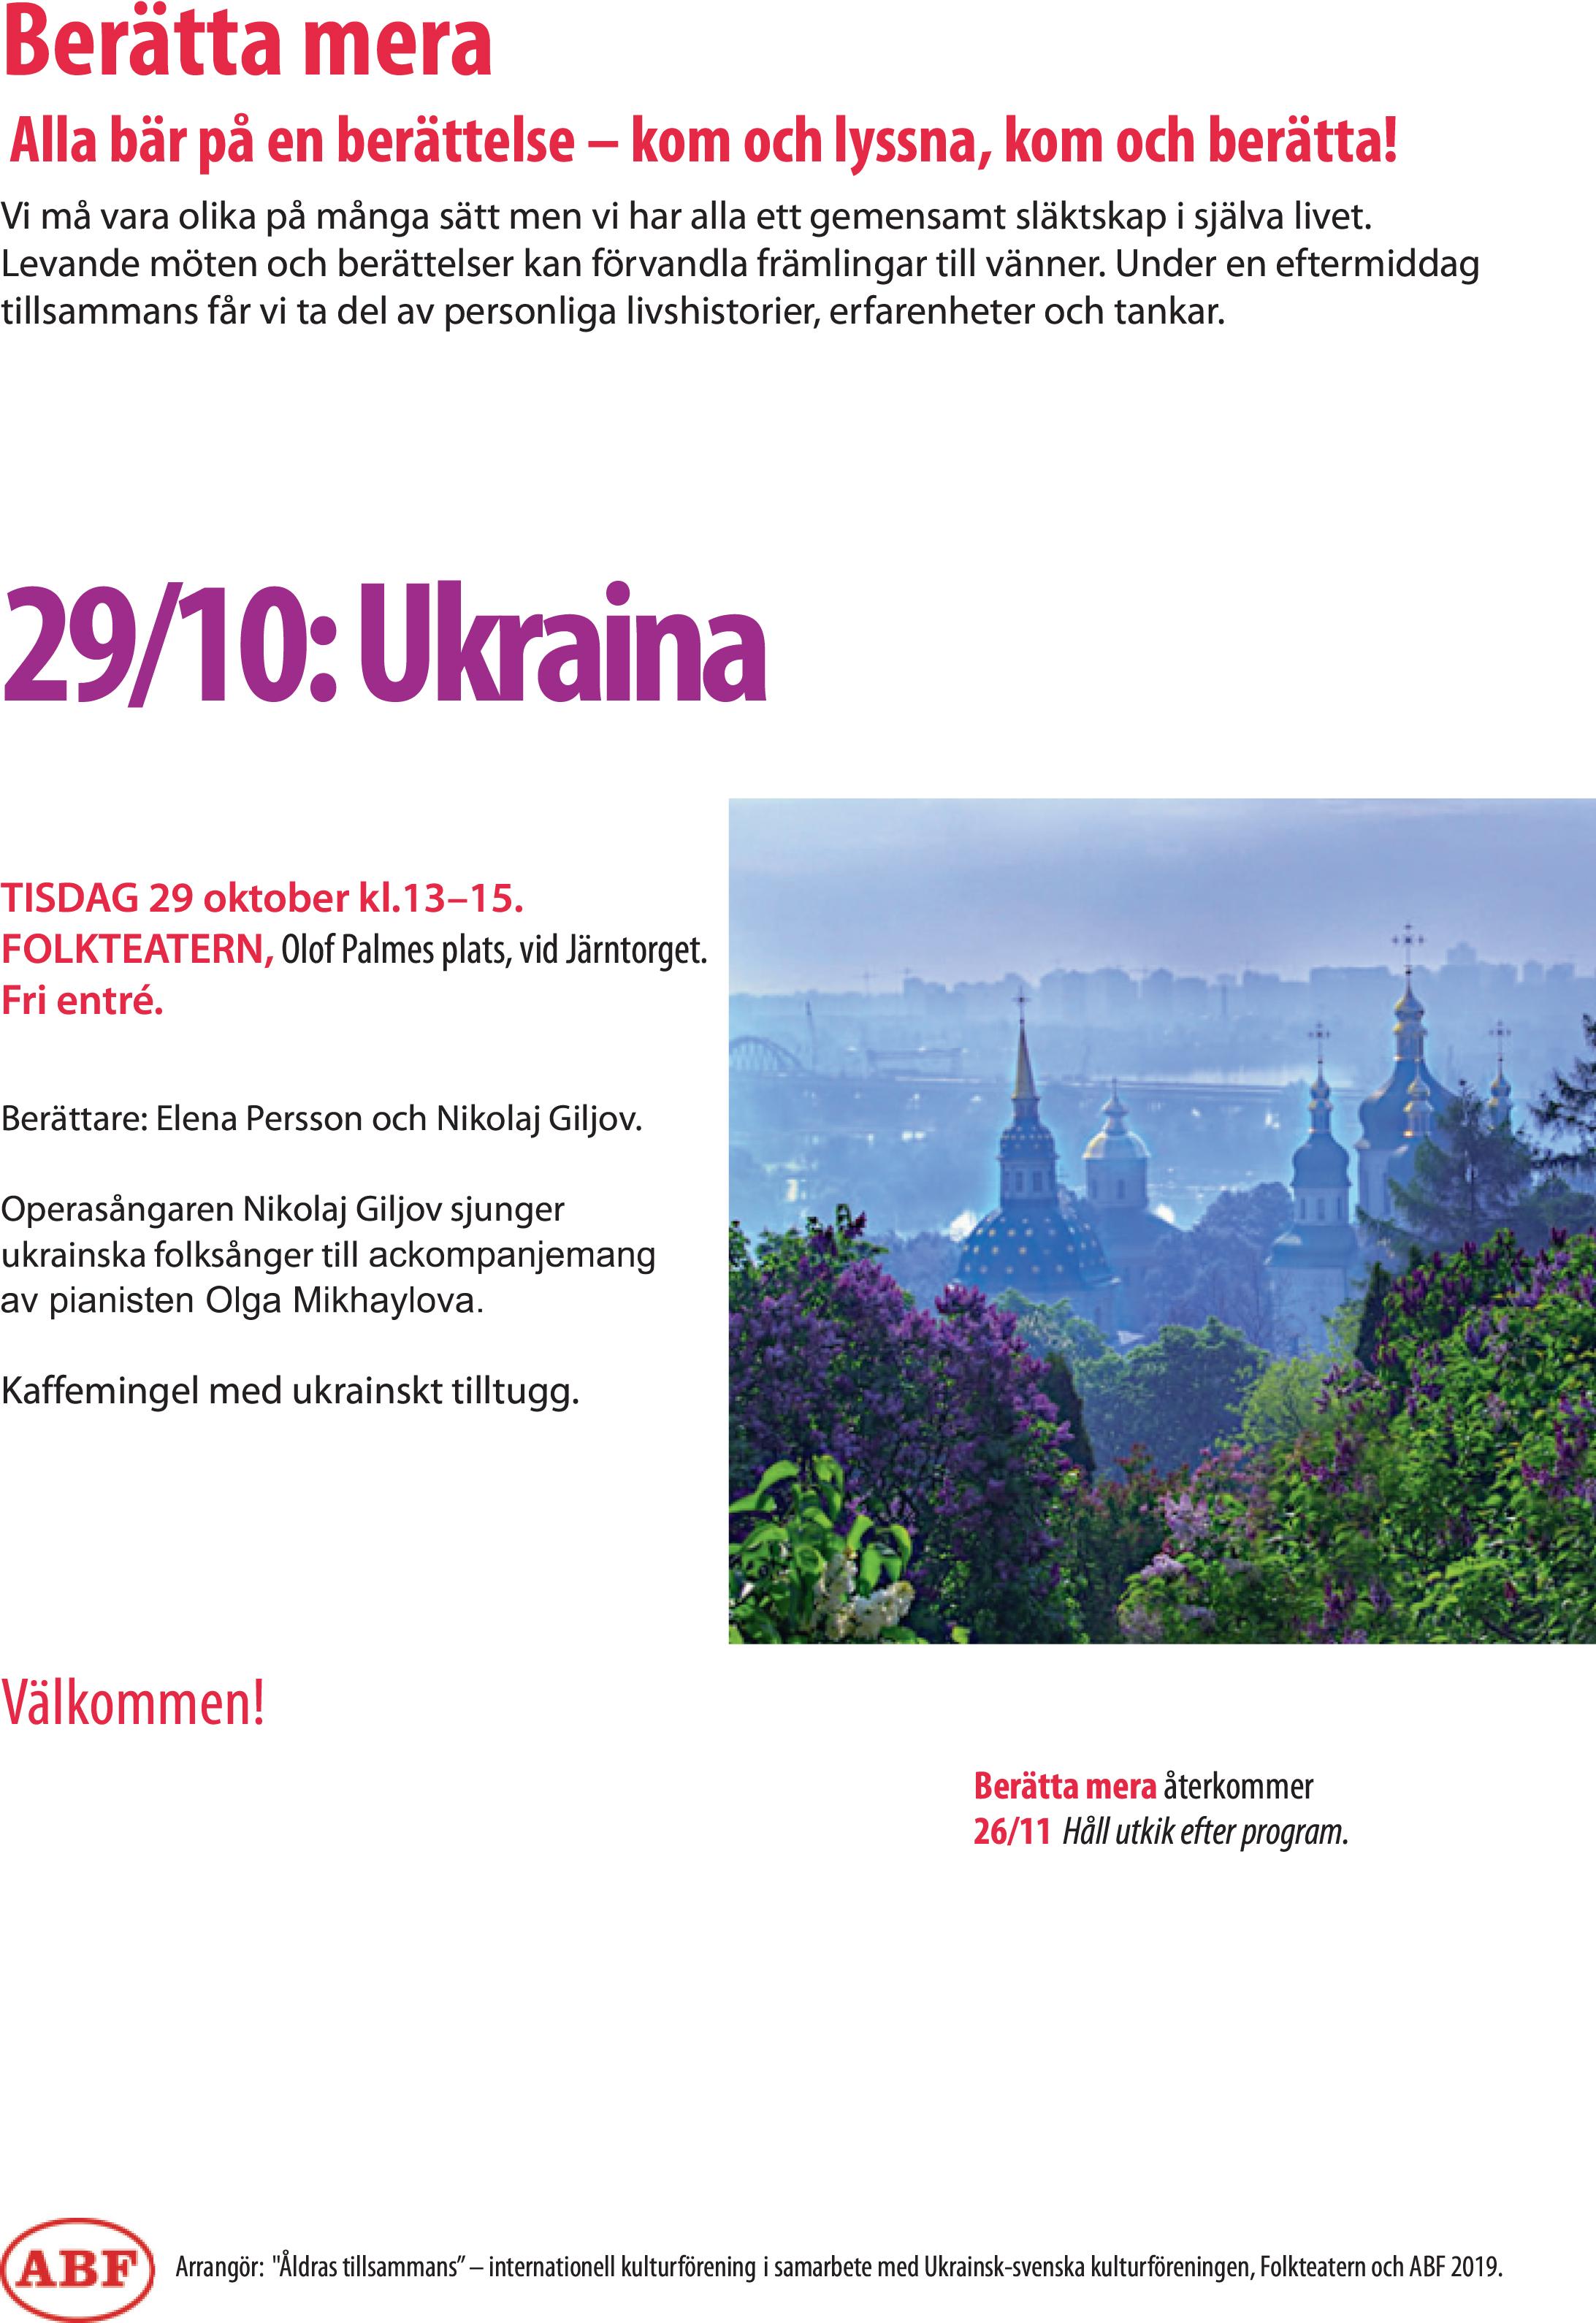 Berätta mera Ukraina_2019-10-29